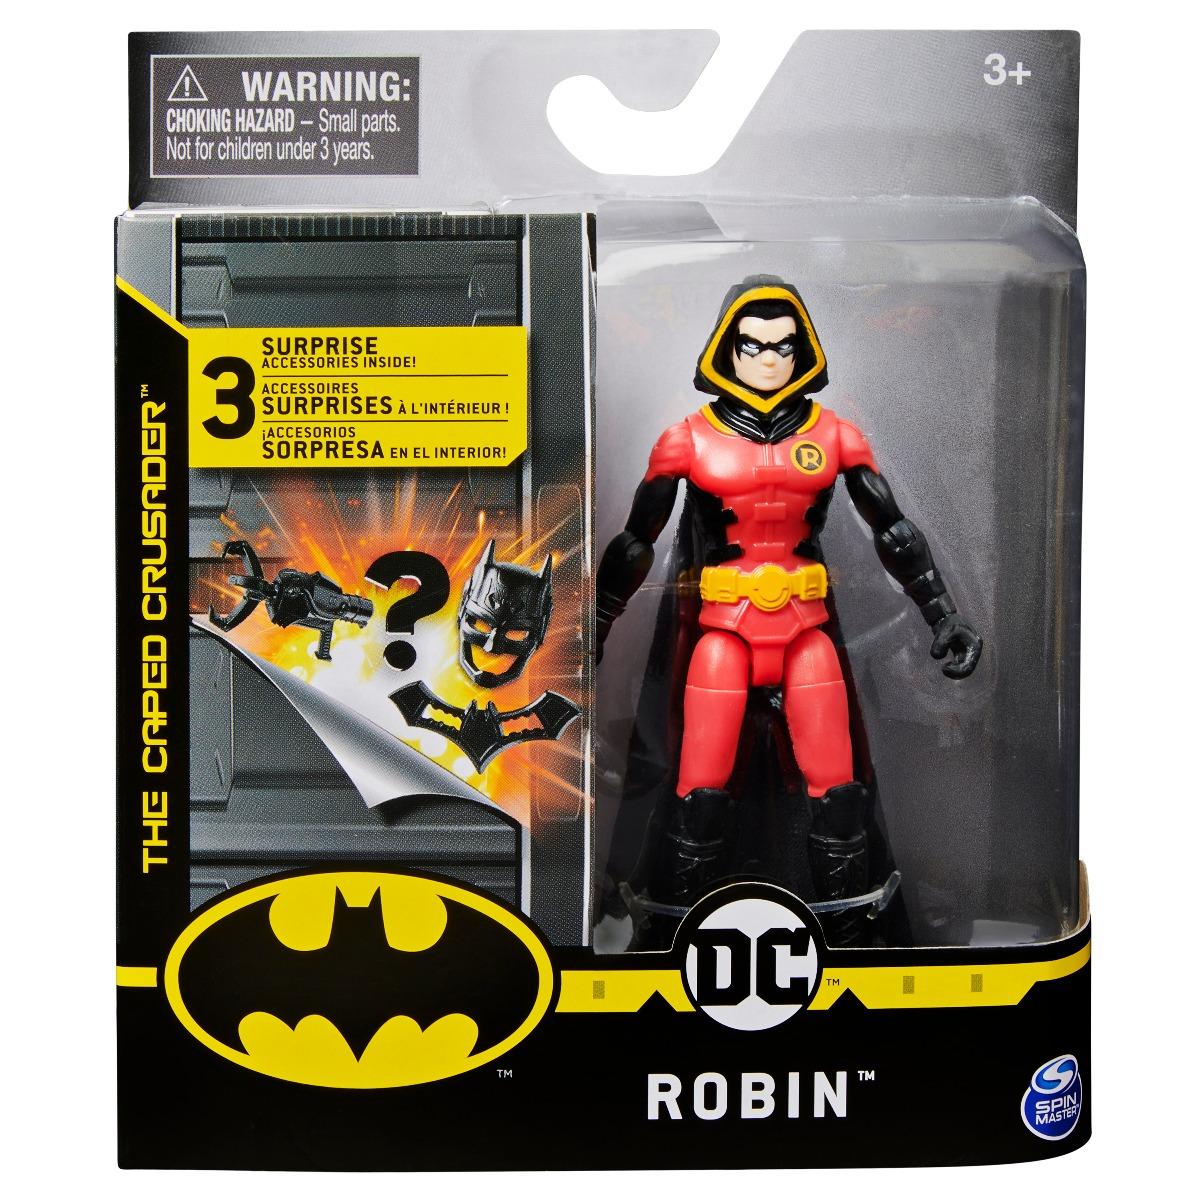 Set Figurina cu accesorii surpriza Batman, Robin 20125780